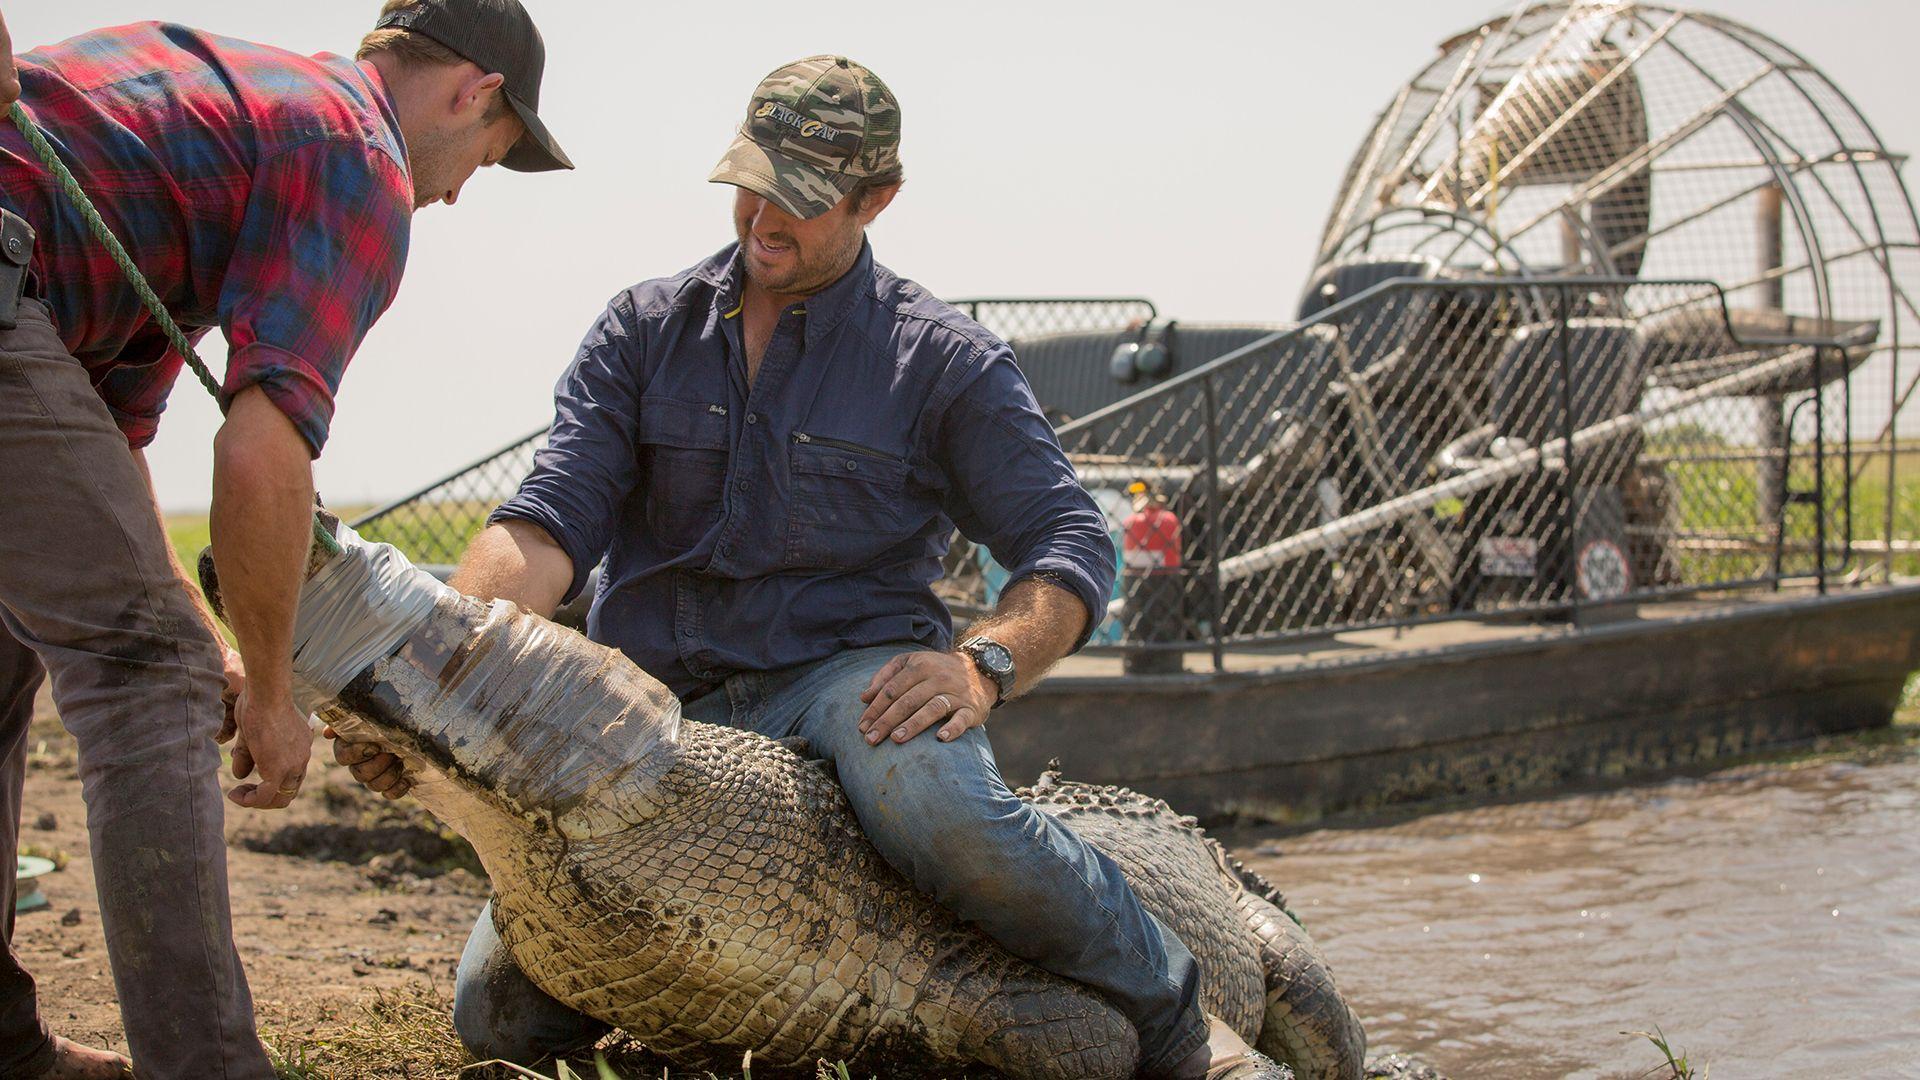 جون يكمم فم تمساح، في حين أن مات لا يزال جالساً على... [Photo of the day - أكتوبر 2021]